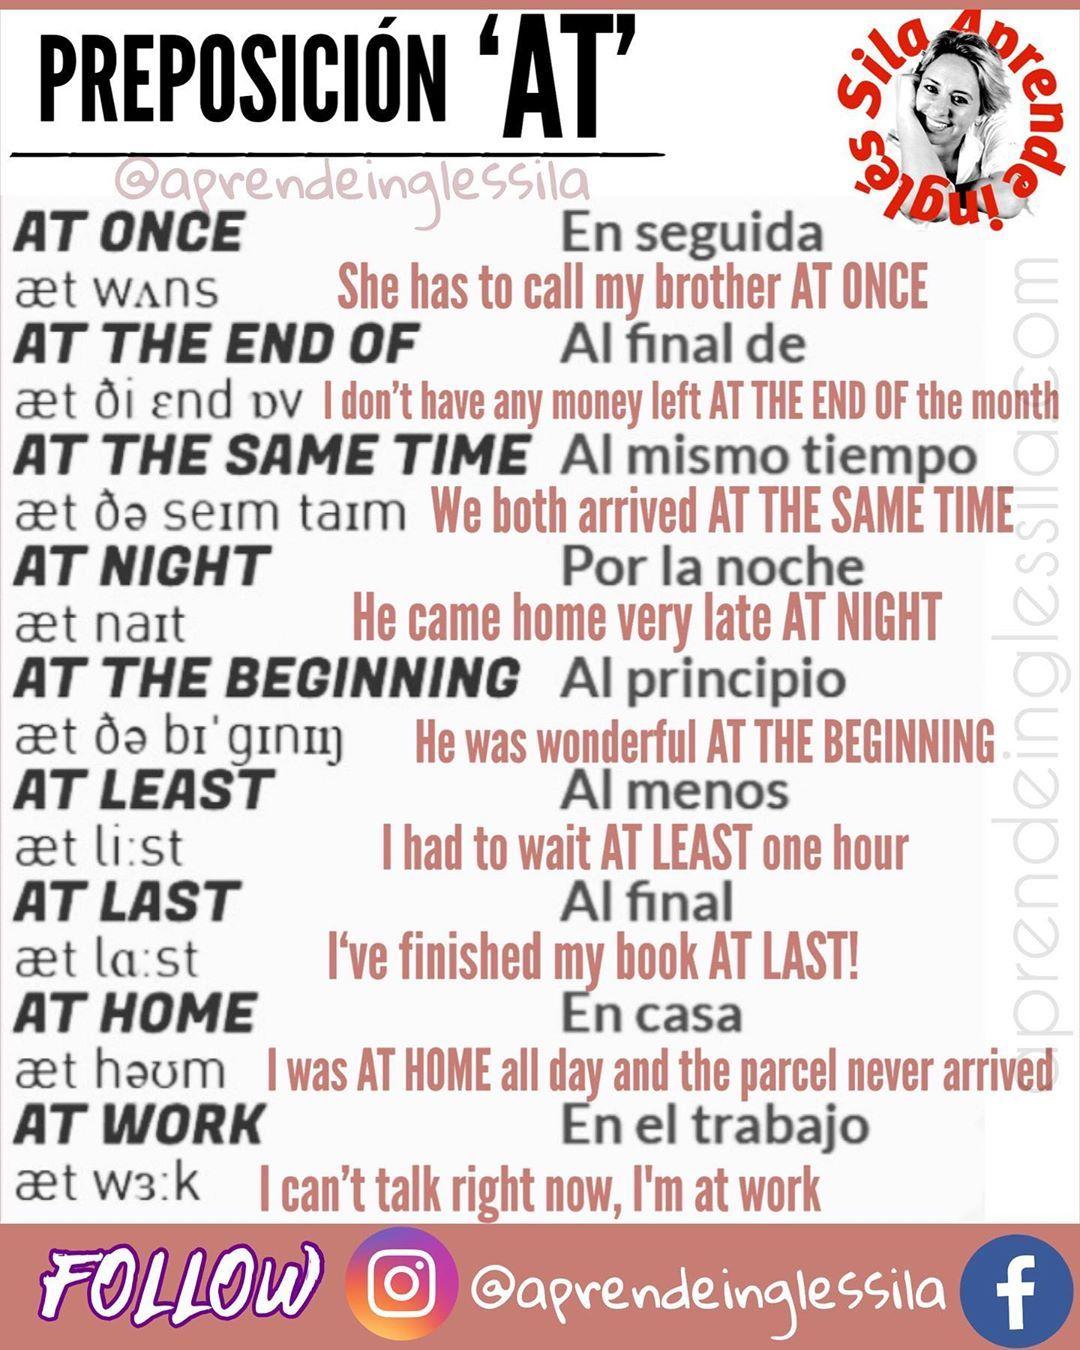 Sila Inglés On Instagram Frases Preposicionales Con At